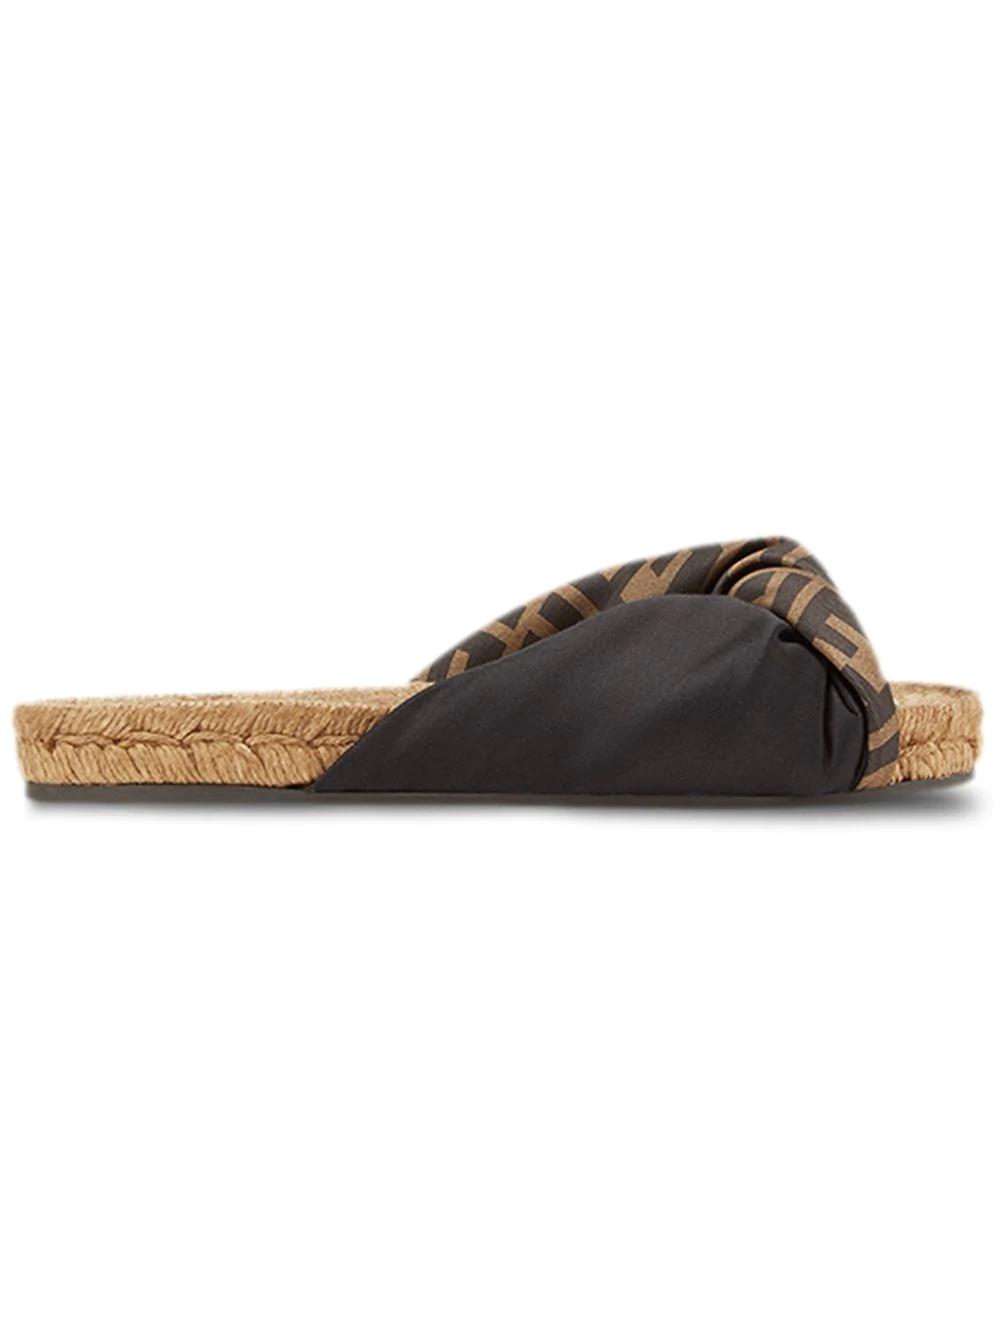 fd3bf823 Twisted Satin Espadrille Slide Sandals in Black